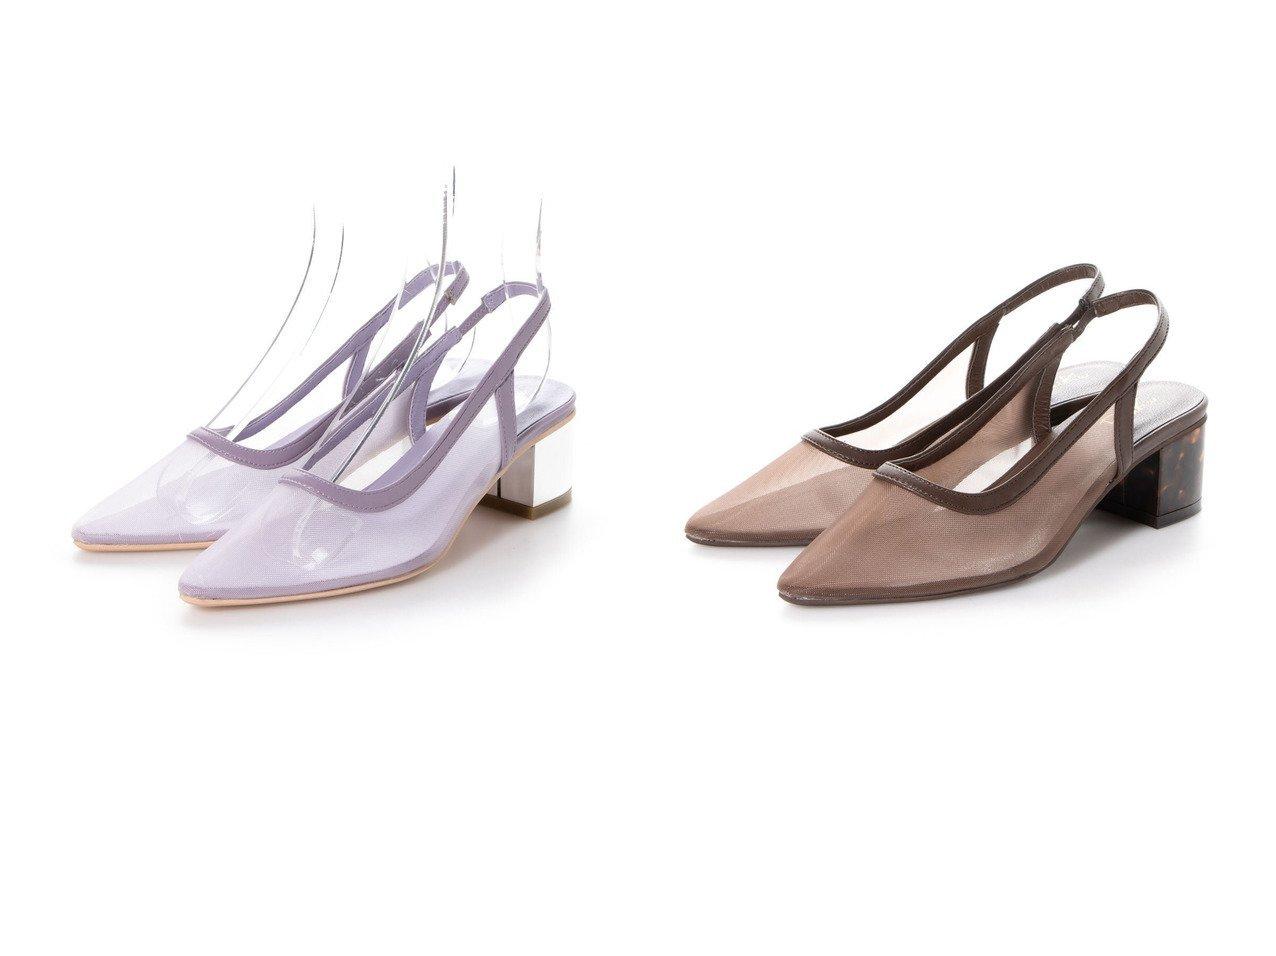 【RiiiKa/リーカ】のバックバンドチュールサンダル シューズ・靴のおすすめ!人気、トレンド・レディースファッションの通販 おすすめで人気の流行・トレンド、ファッションの通販商品 メンズファッション・キッズファッション・インテリア・家具・レディースファッション・服の通販 founy(ファニー) https://founy.com/ ファッション Fashion レディースファッション WOMEN バッグ Bag 2021年 2021 2021 春夏 S/S SS Spring/Summer 2021 S/S 春夏 SS Spring/Summer 春 Spring |ID:crp329100000022564